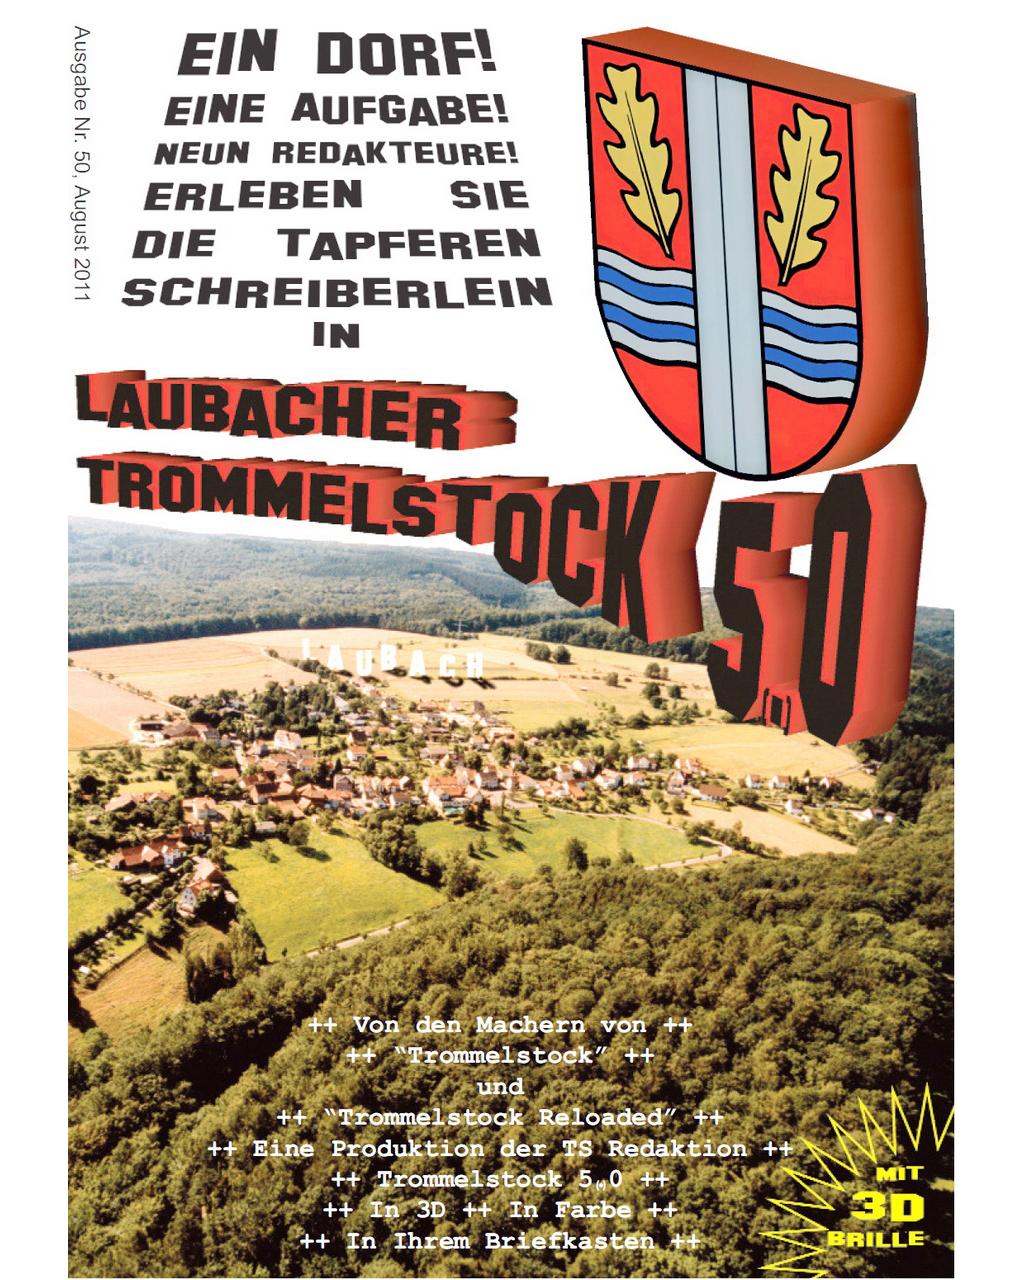 Laubacher-Trommelstock-Titelseite-050a